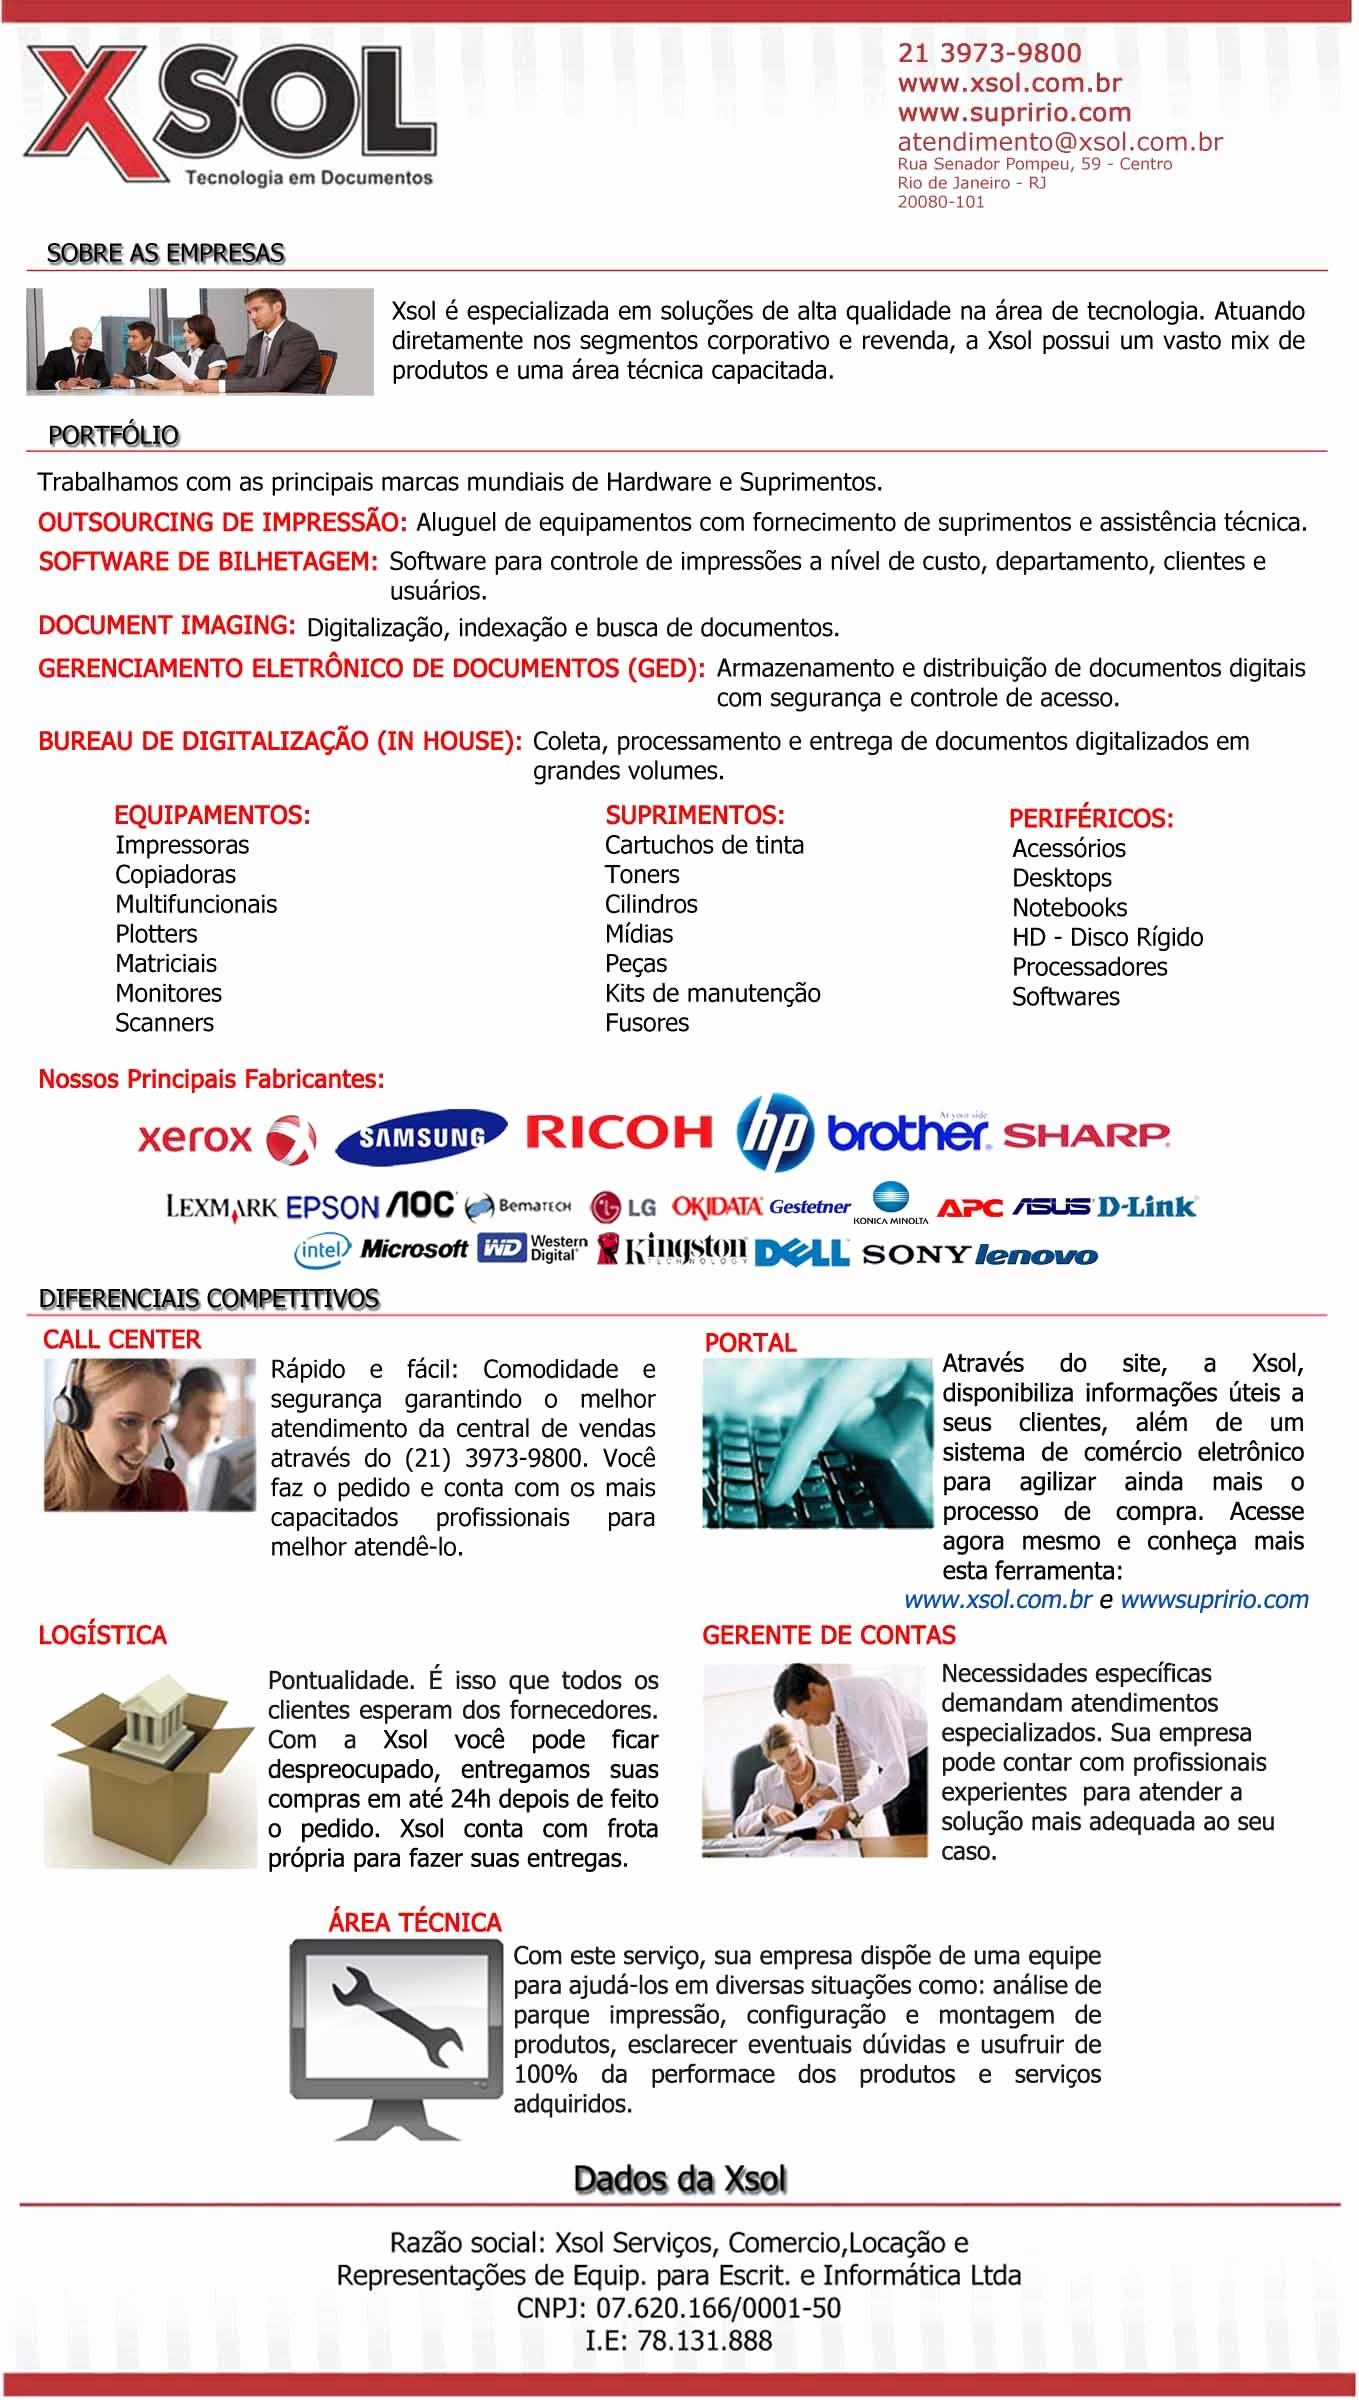 Carta De Apresentação De Empresa Inspirational Carta De Apresentação Da Xsol